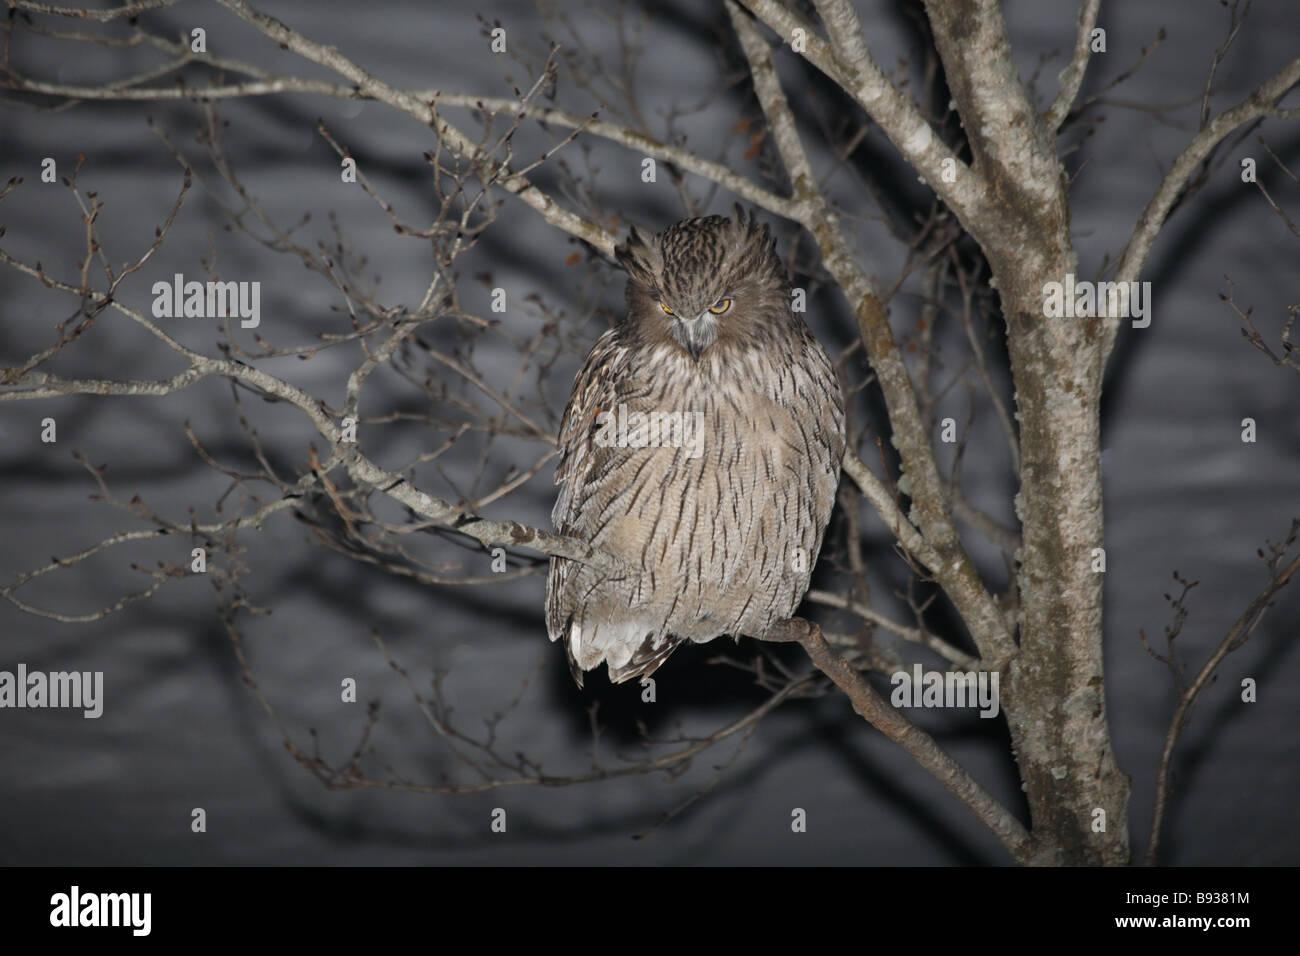 Blakiston's Fish Owl Ketupa blakistoni at night in snowscene - Stock Image